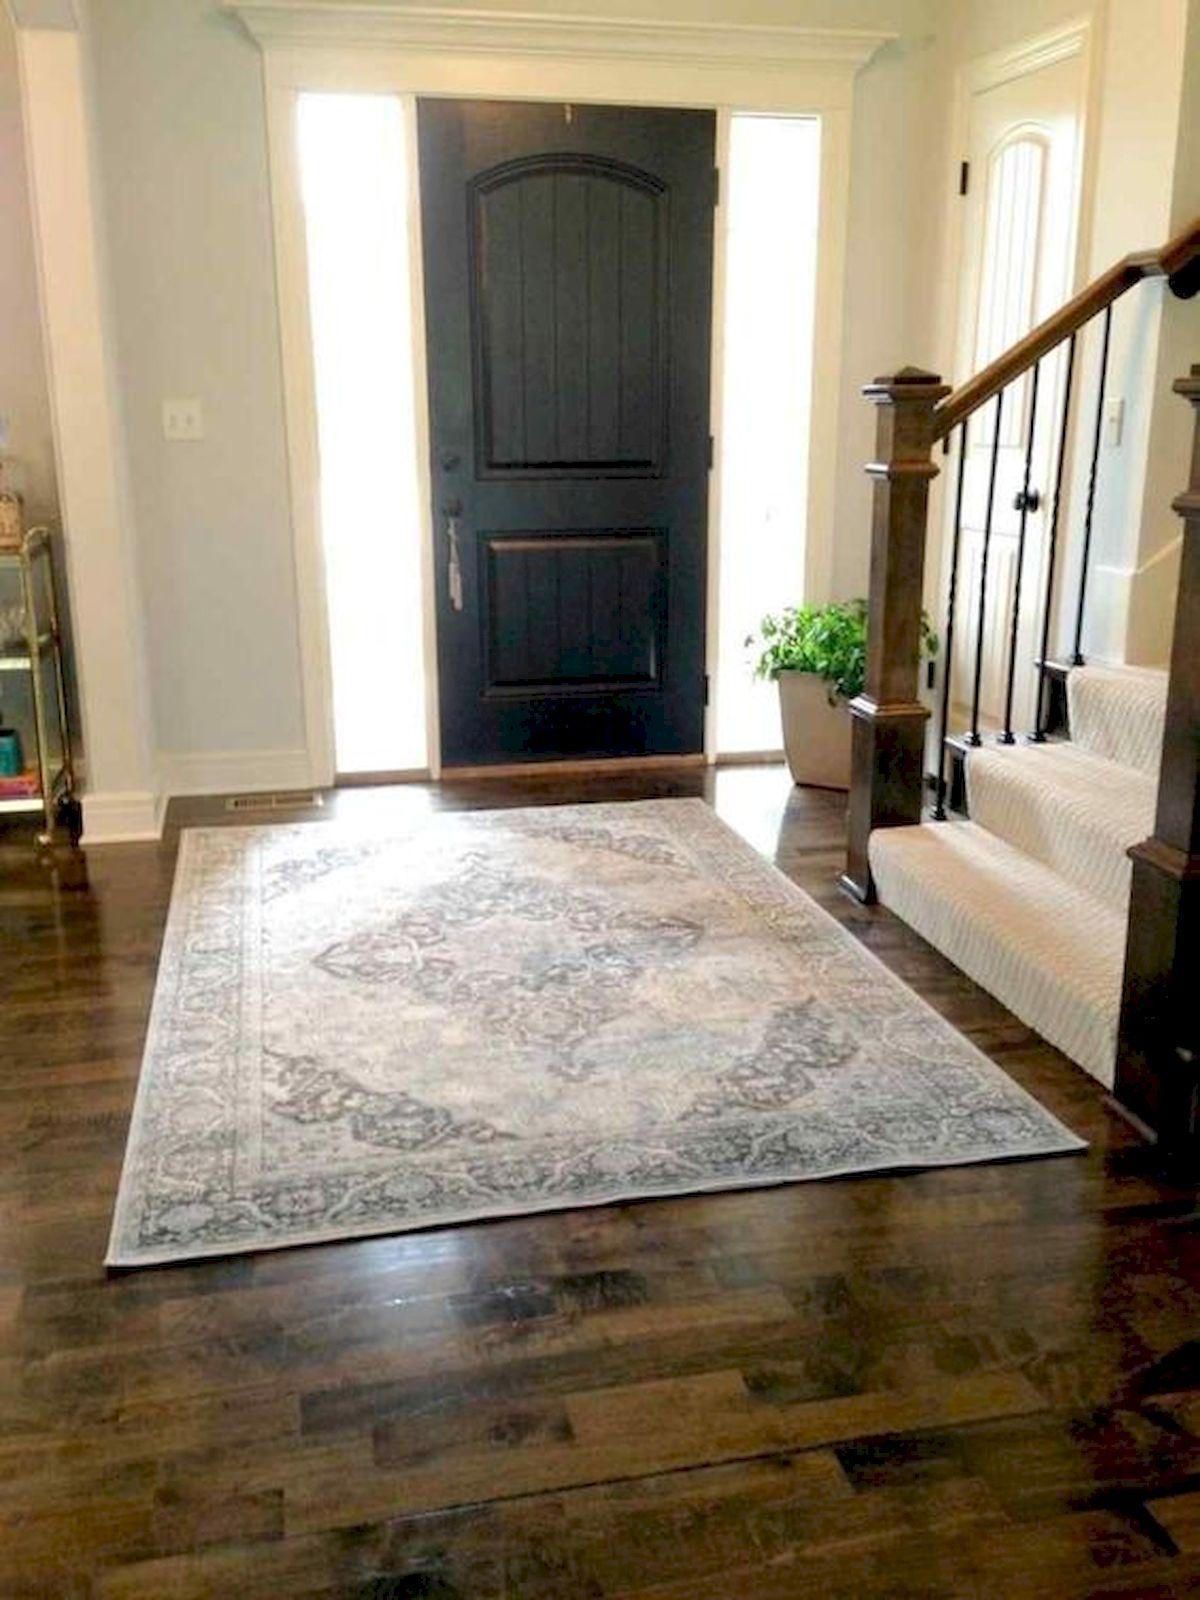 Adorable best entryway rug ideas https coachdecor also interior design rugs entry rh pinterest